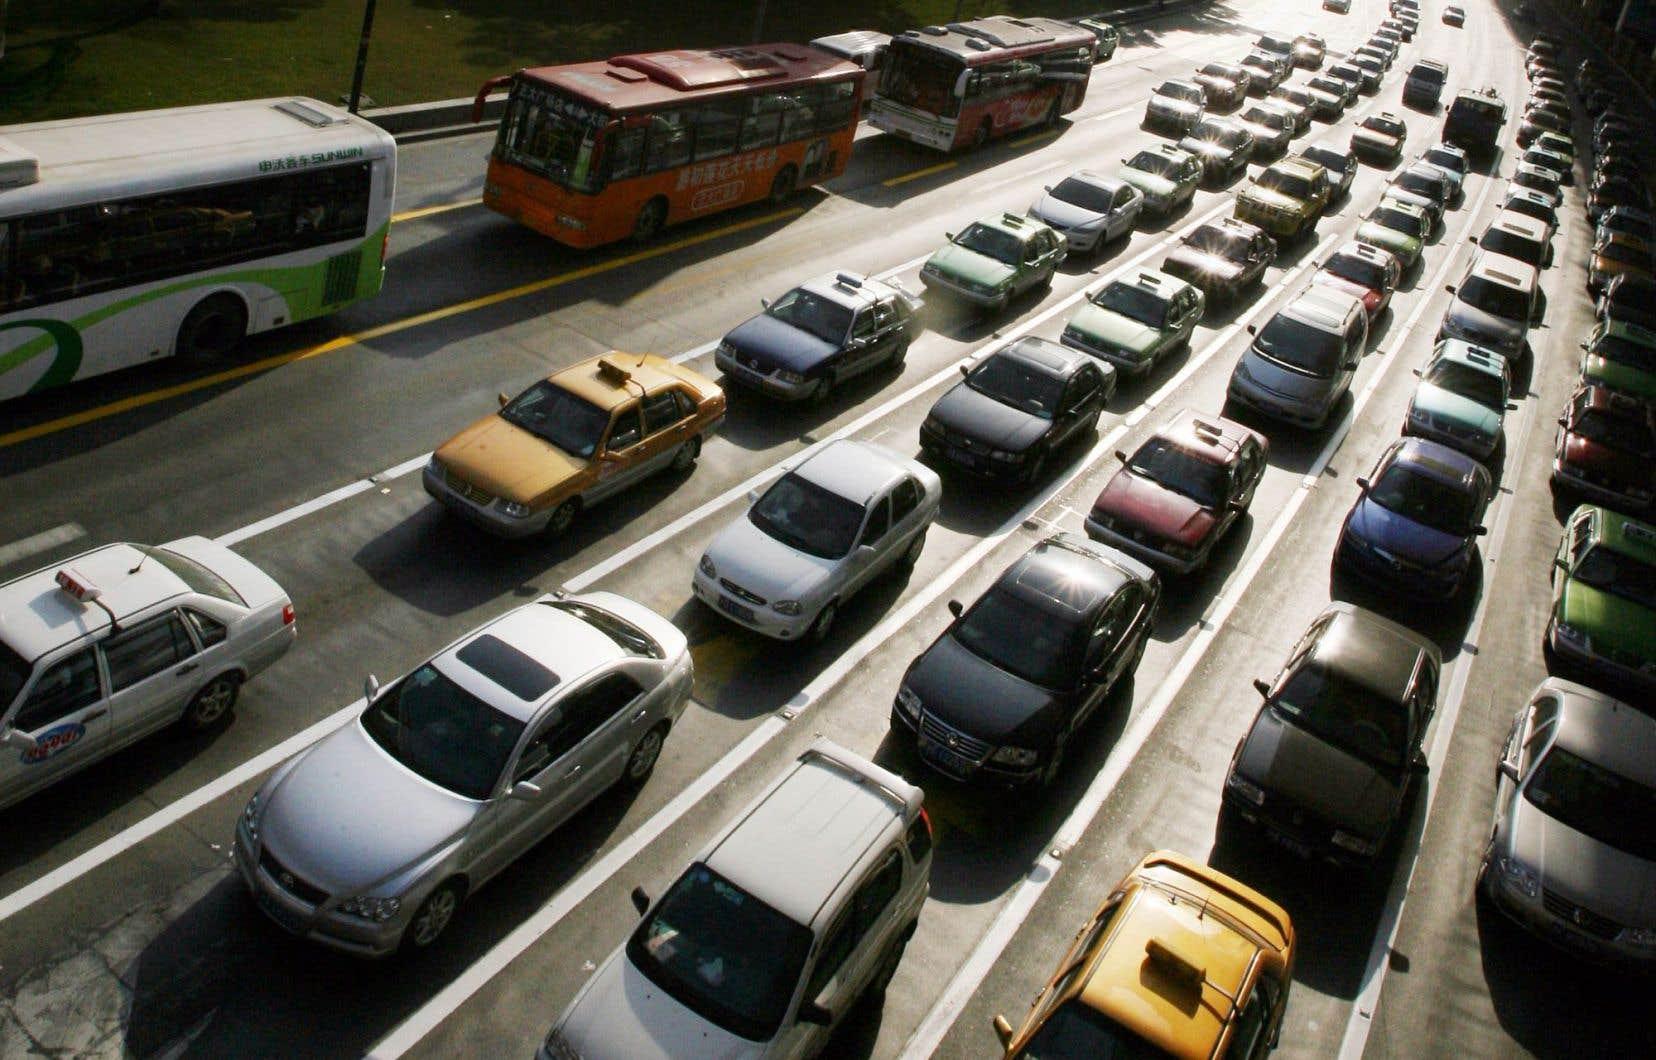 La réduction des gaz à effet de serre passe notamment par la densification des villes et le développement du transport collectif.